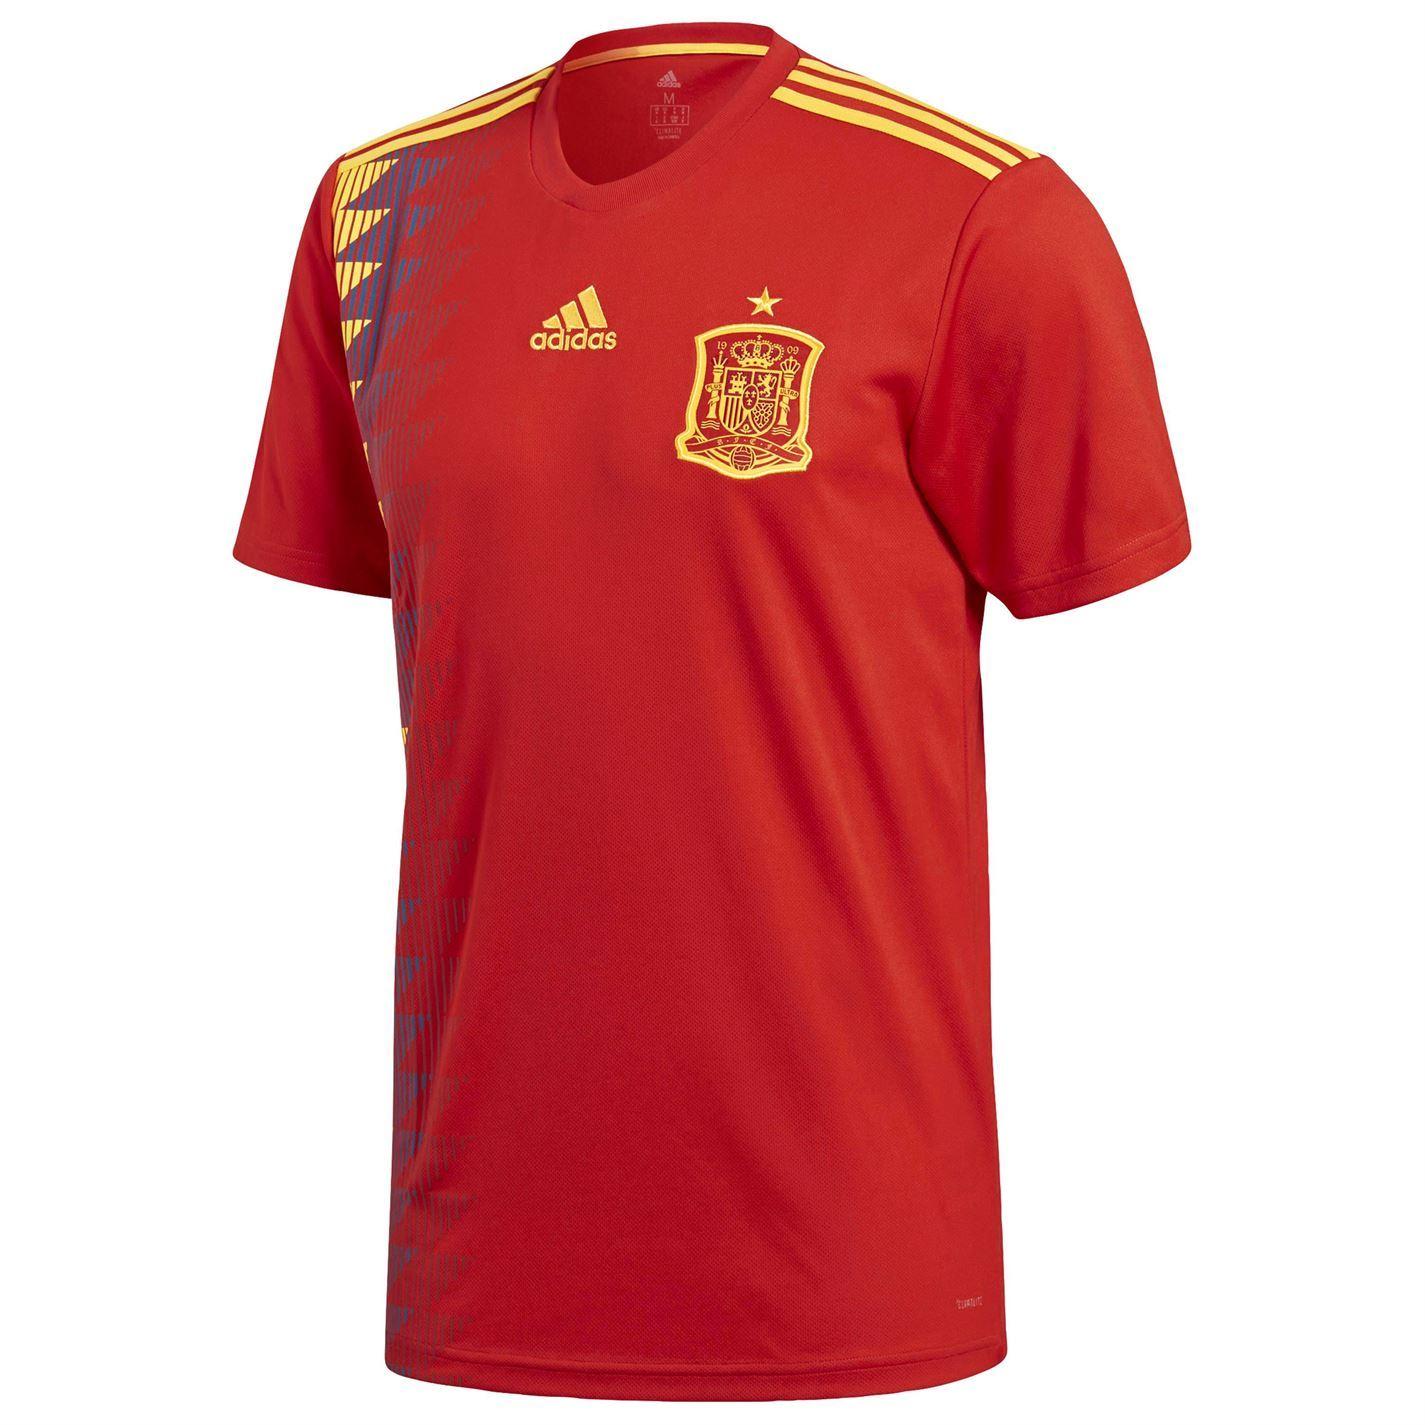 Detalles de Adidas España Home Jersey 2018 Hombre RojoOro Fútbol Camiseta Tira